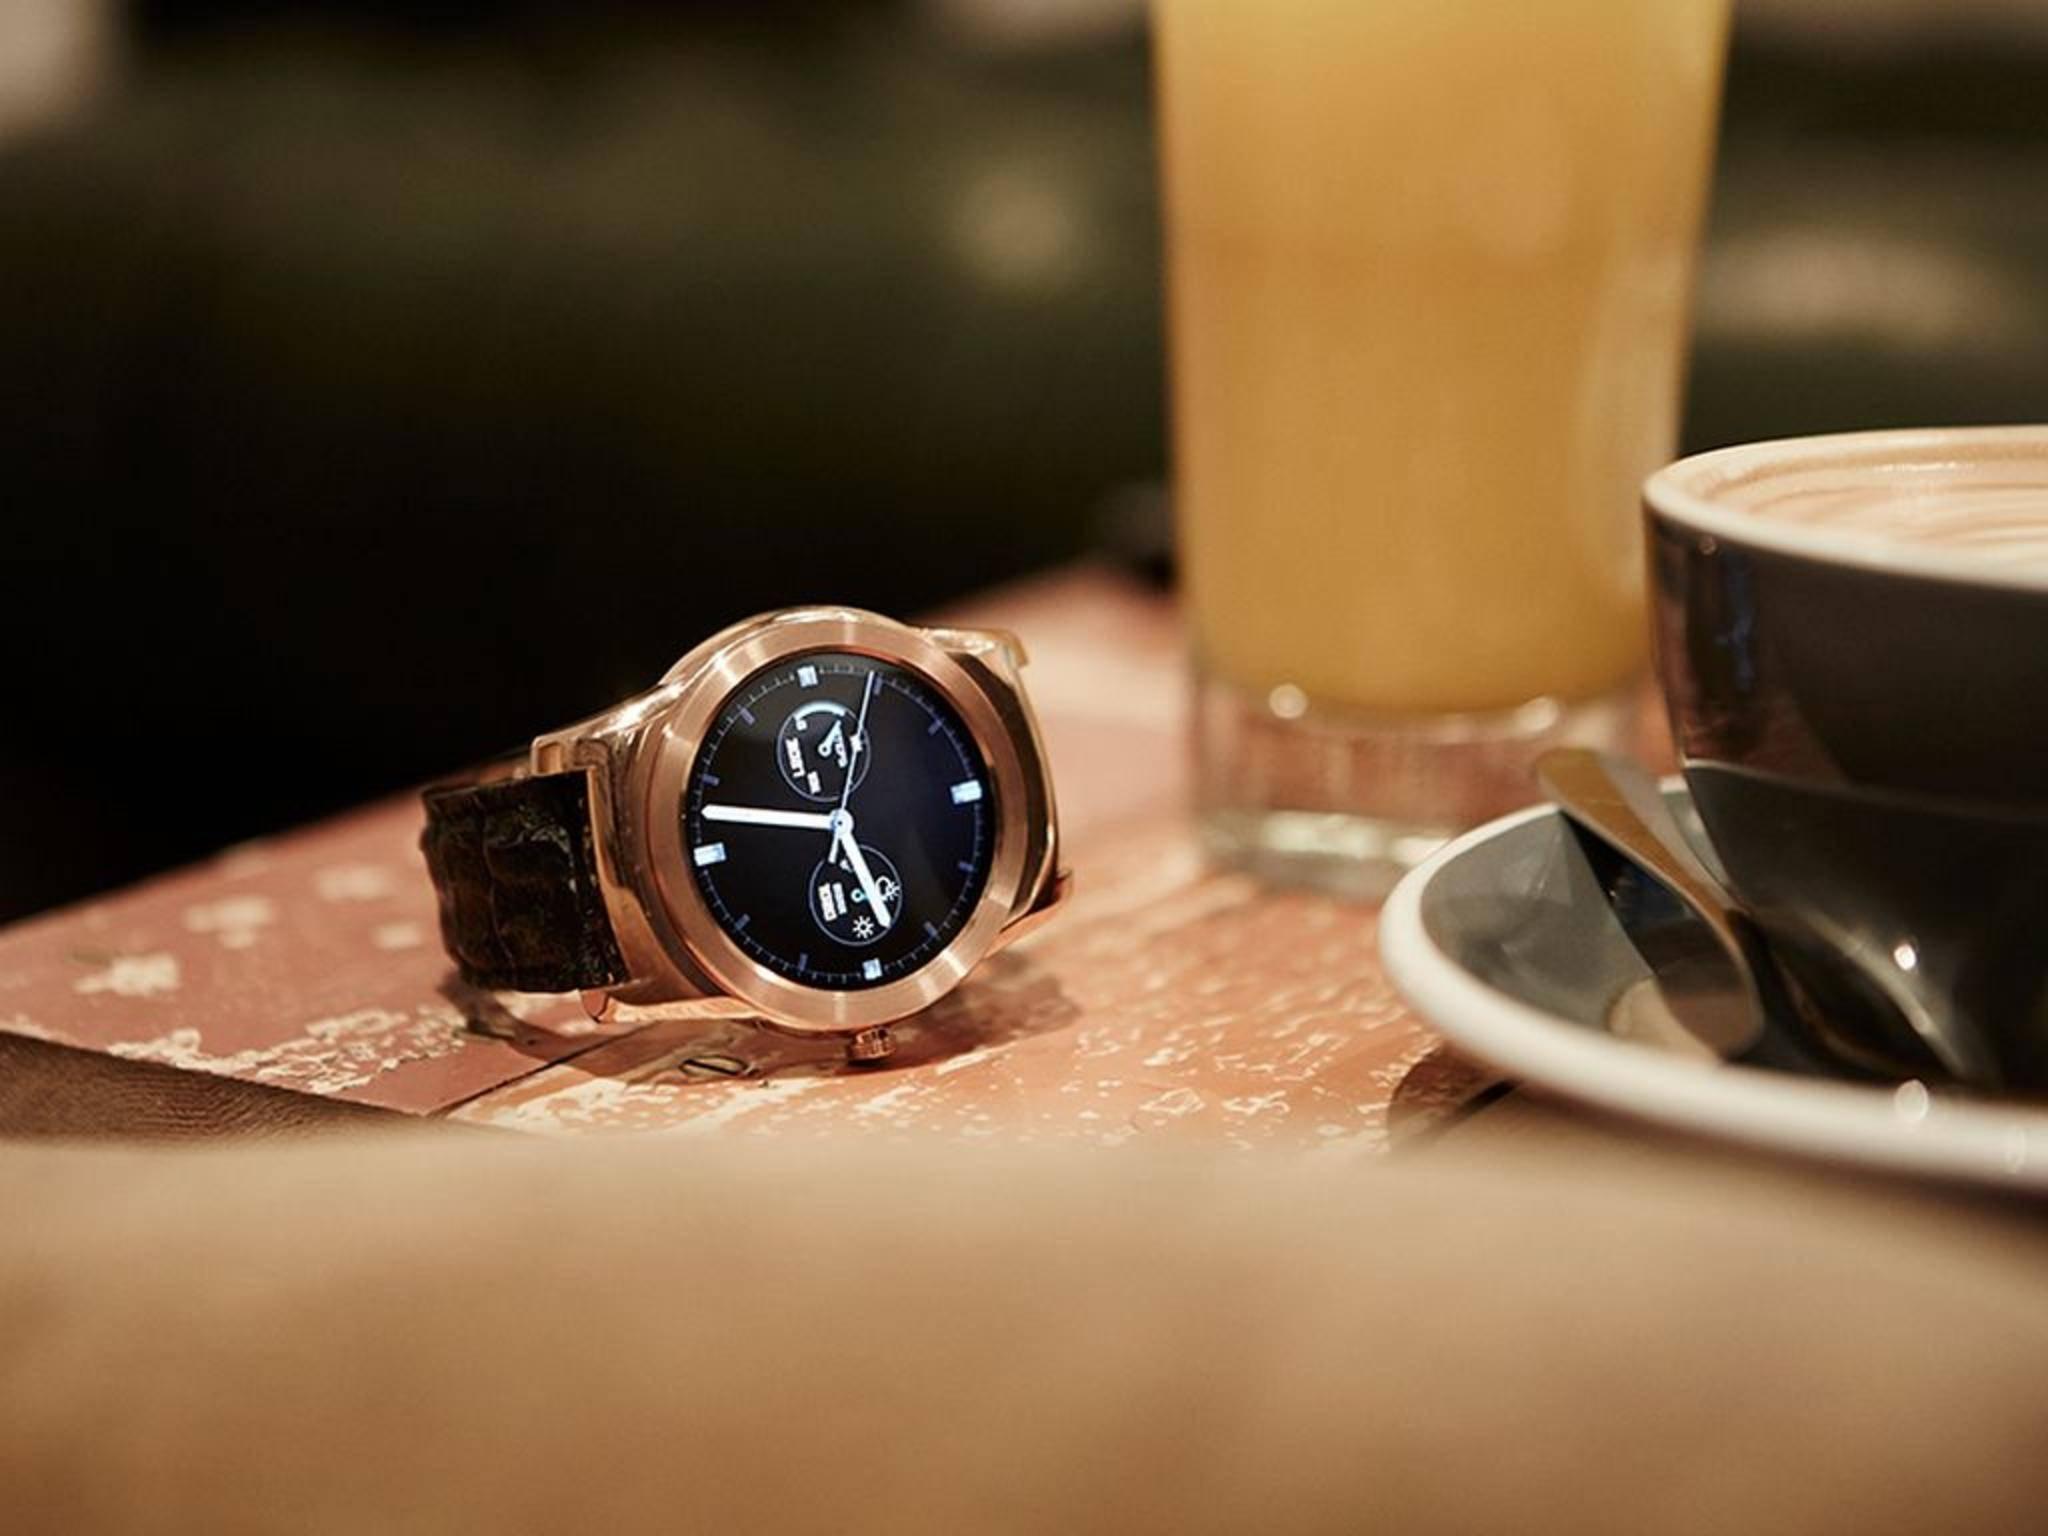 Die LG Watch Urbane lernt als erste Android-Uhr, mit dem iPhone zu kommunizieren.